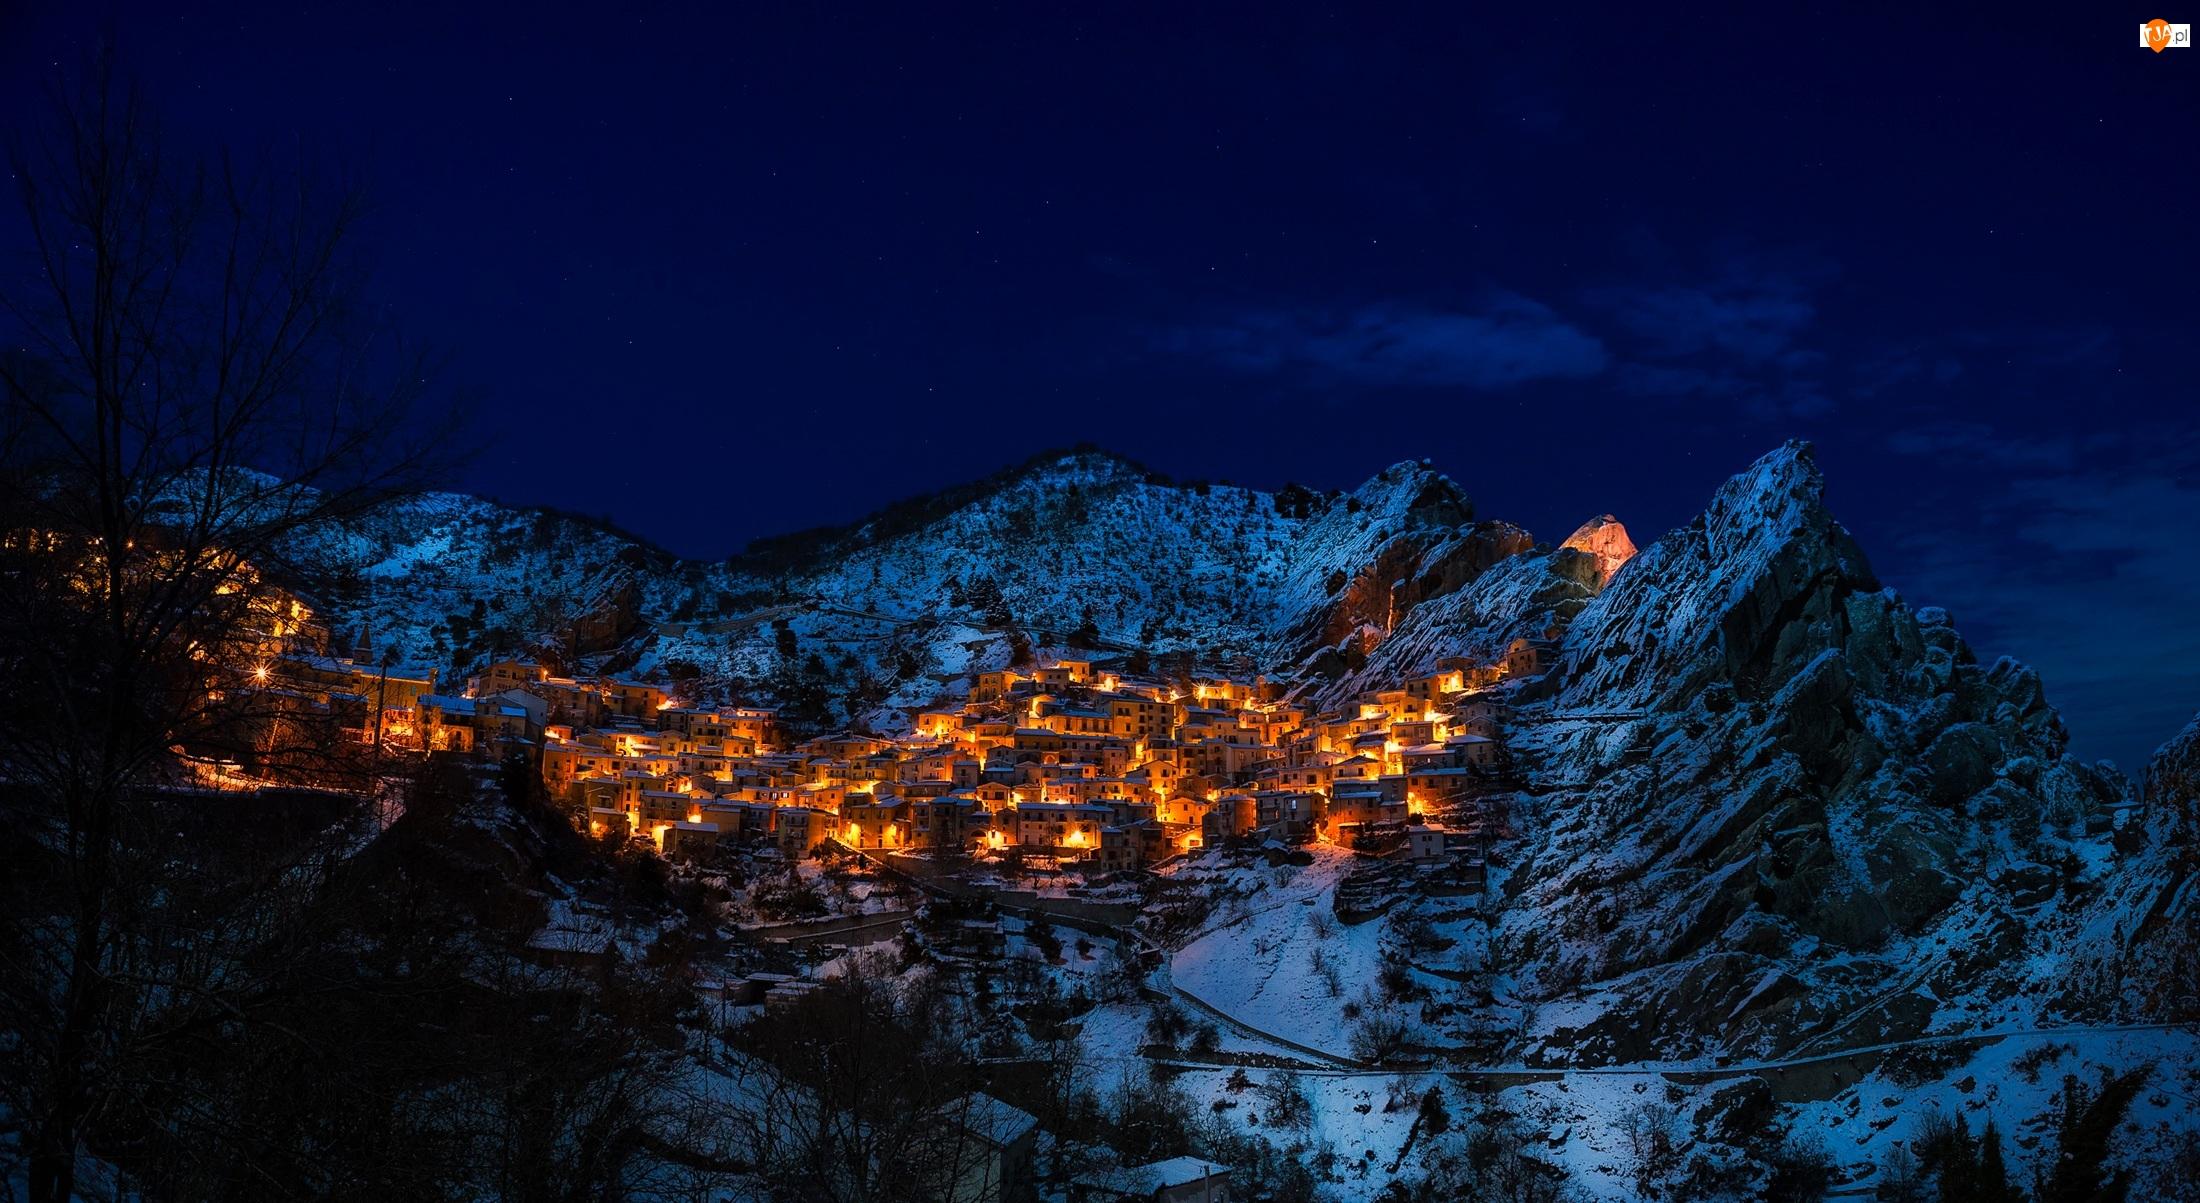 Zima, Dolomity, Noc, Prowincja Potenza, Góry, Włochy, Światła, Castelmezzano, Domy